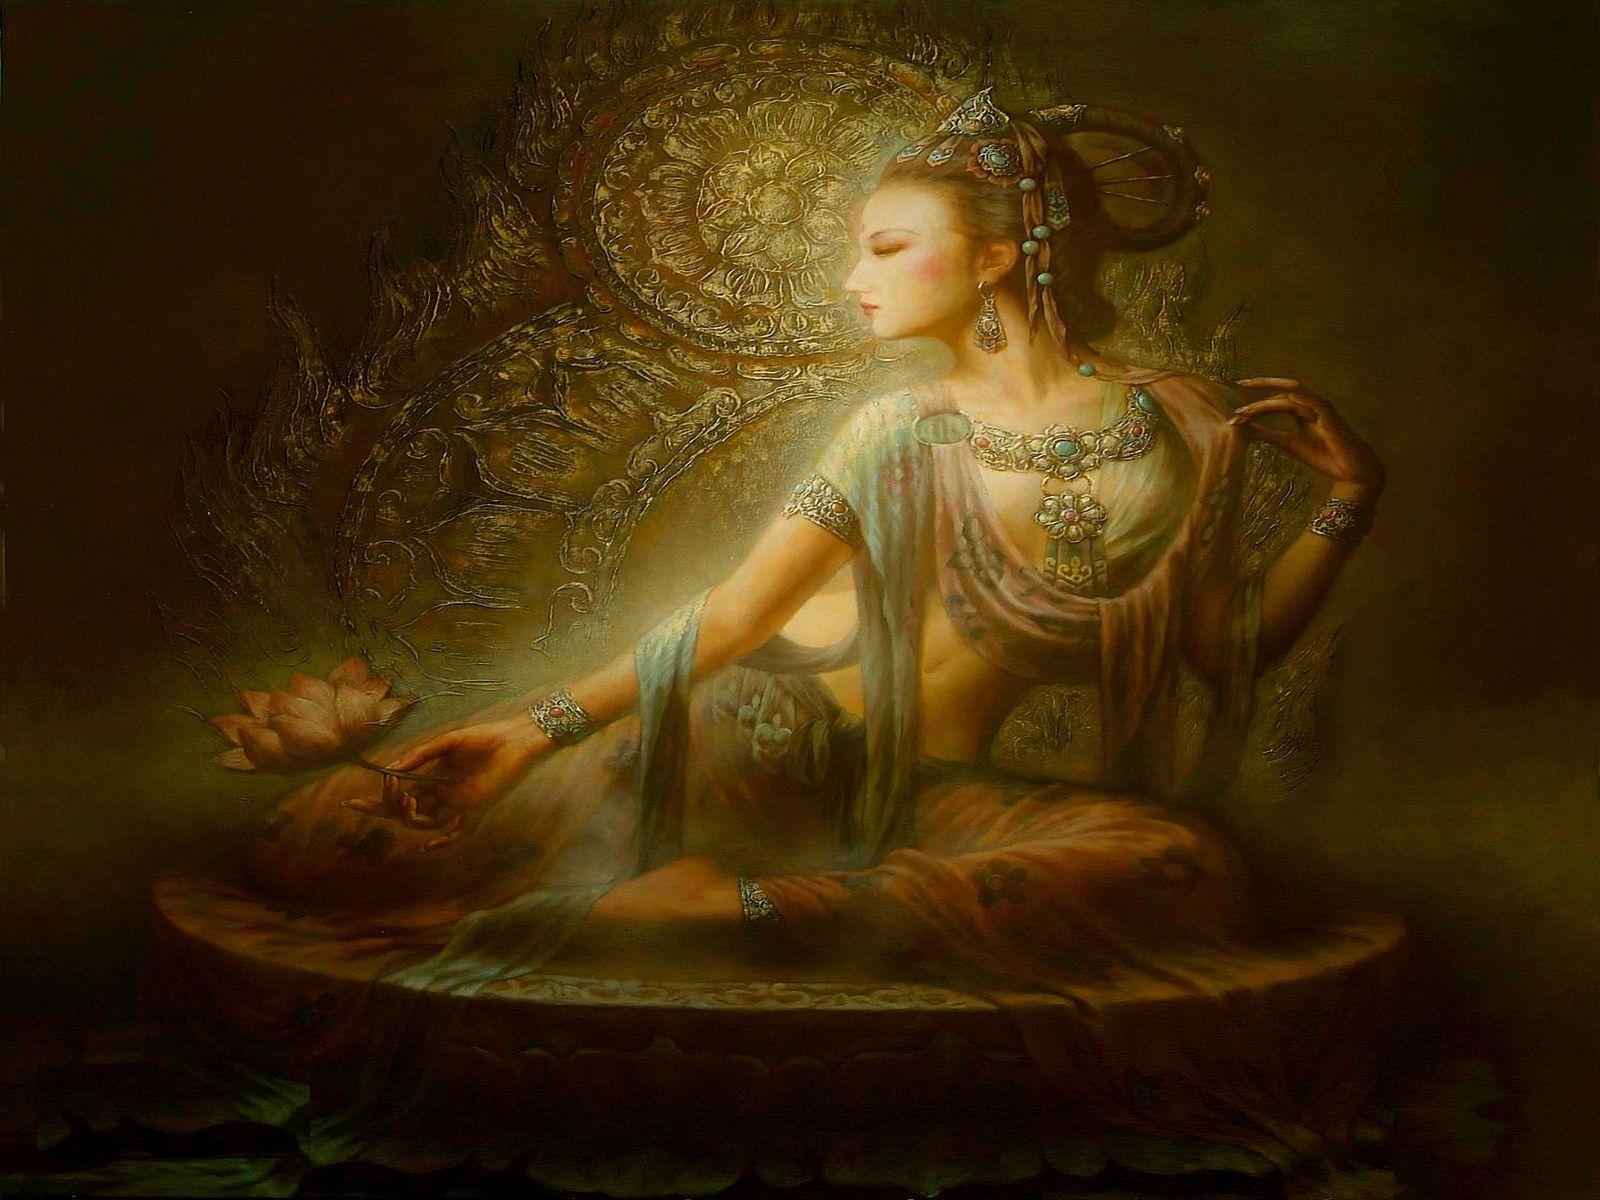 Divine Beauty Divine Beauty Computer Wallpapers Desktop Backgrounds 1600x1200 Goddess Art Kuan Yin Quan Yin